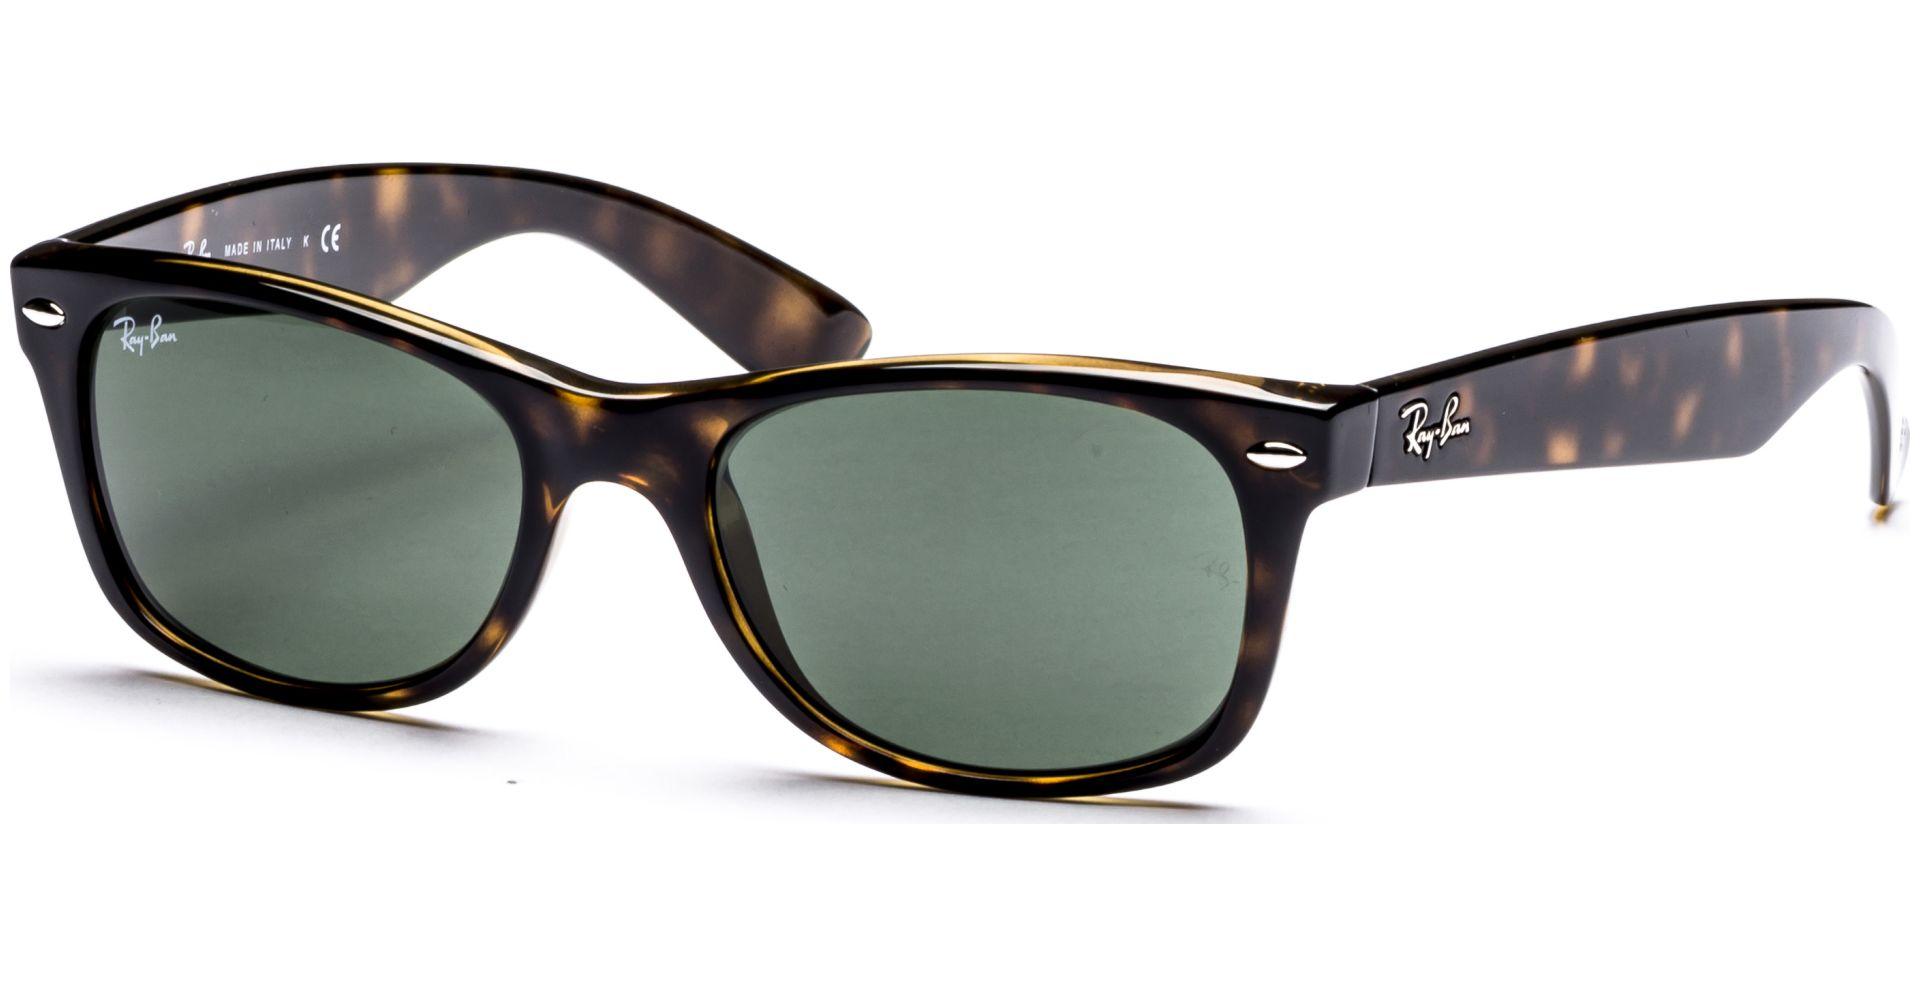 Ray Ban New Wayfarer Sonnenbrille matt blau